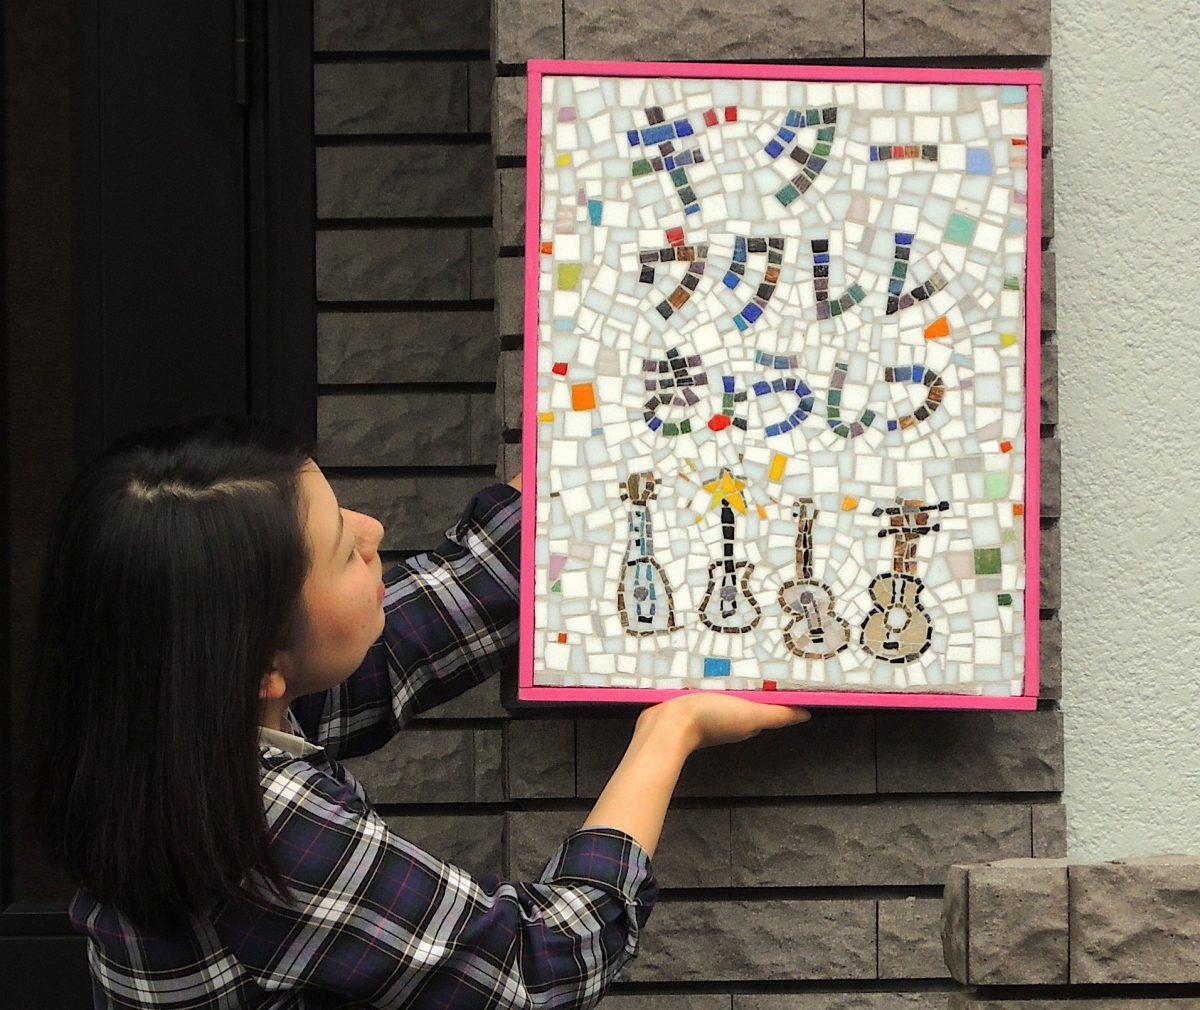 ギター教室看板事例 ガラスモザイク制作岡田七歩美